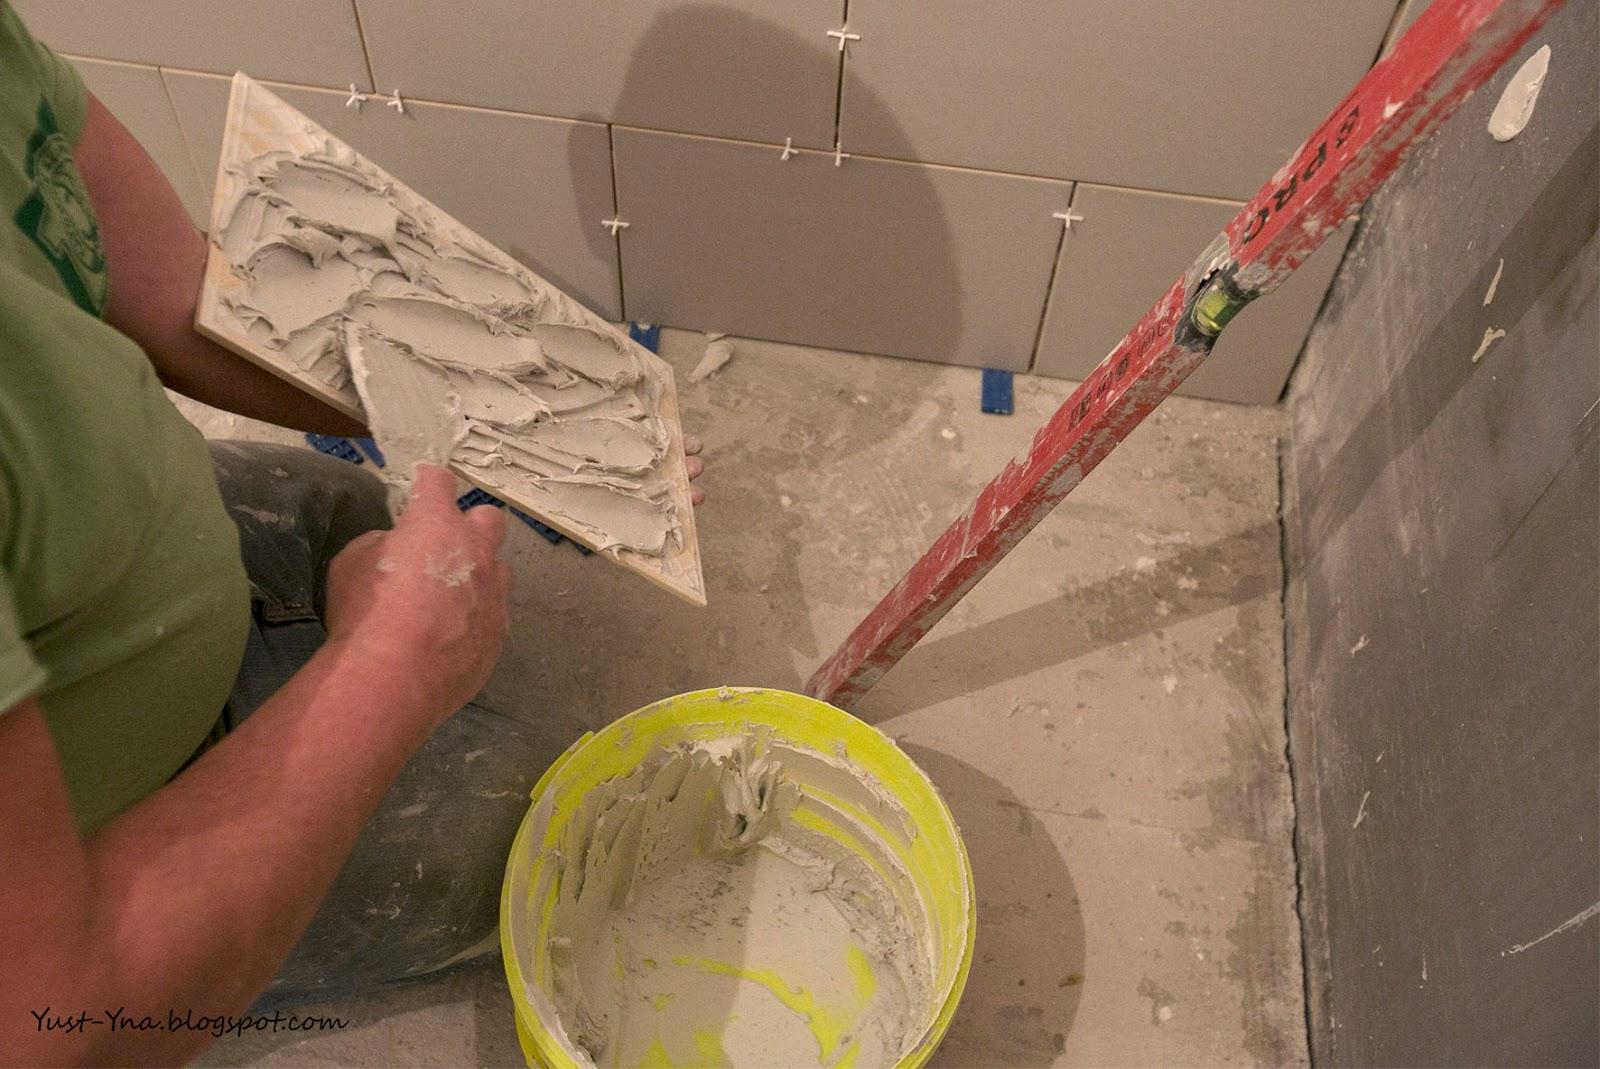 Samodzielny całkowity remont mieszkania